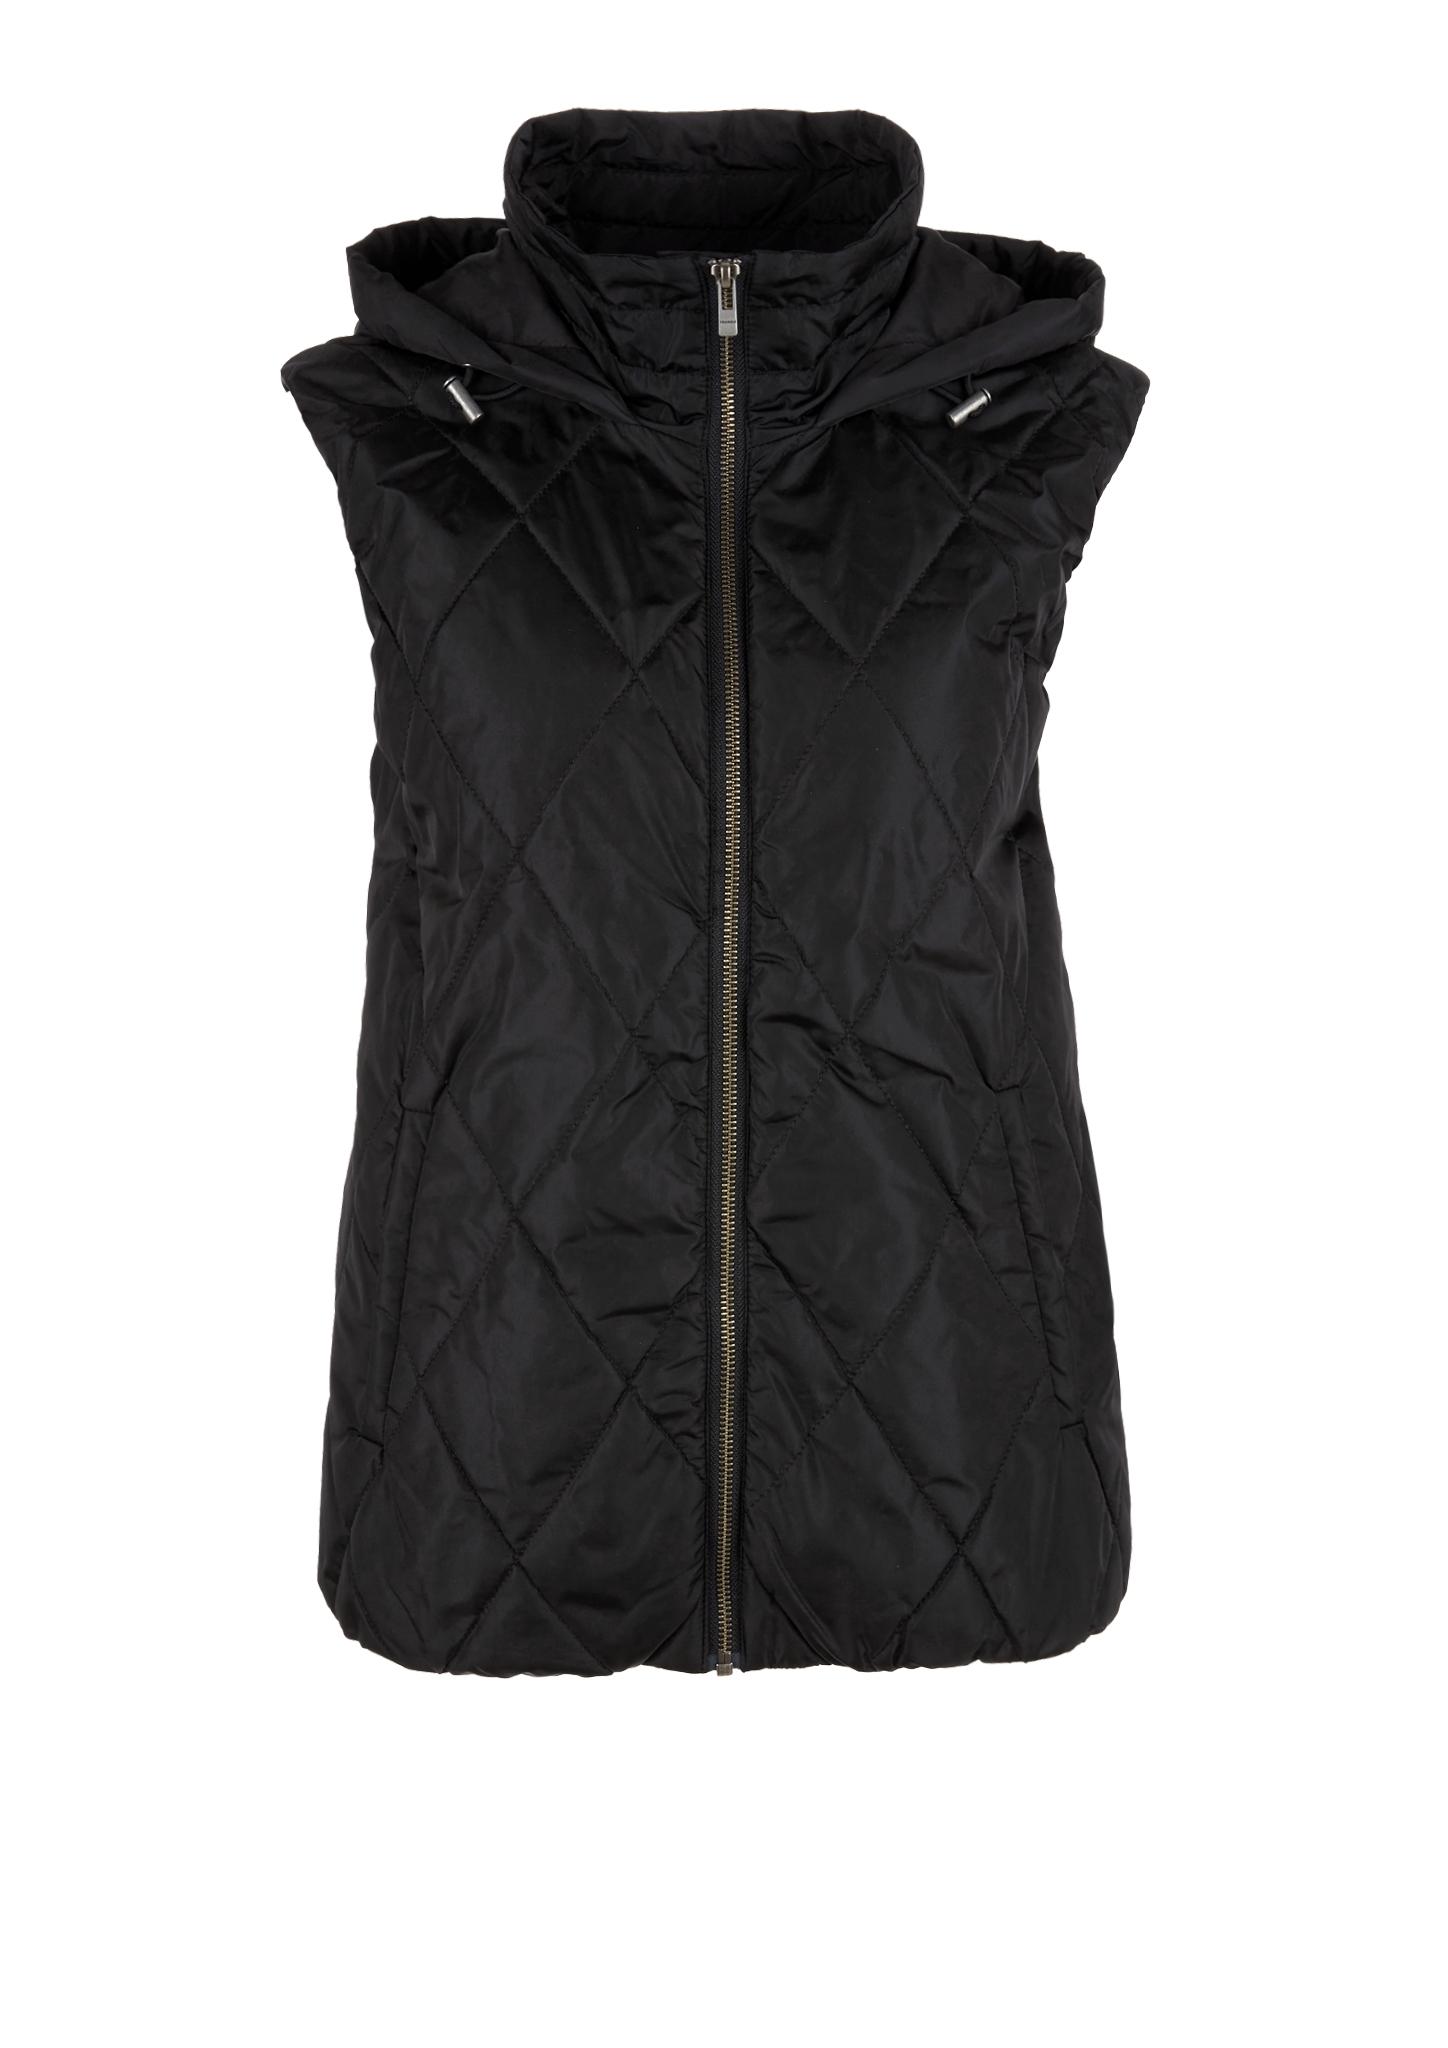 Outdoor-Weste | Sportbekleidung > Sportwesten > Outdoorwesten | Grau/schwarz | Obermaterial 100% polyamid| futter 100% polyamid| füllmaterial 100% polyester | TRIANGLE